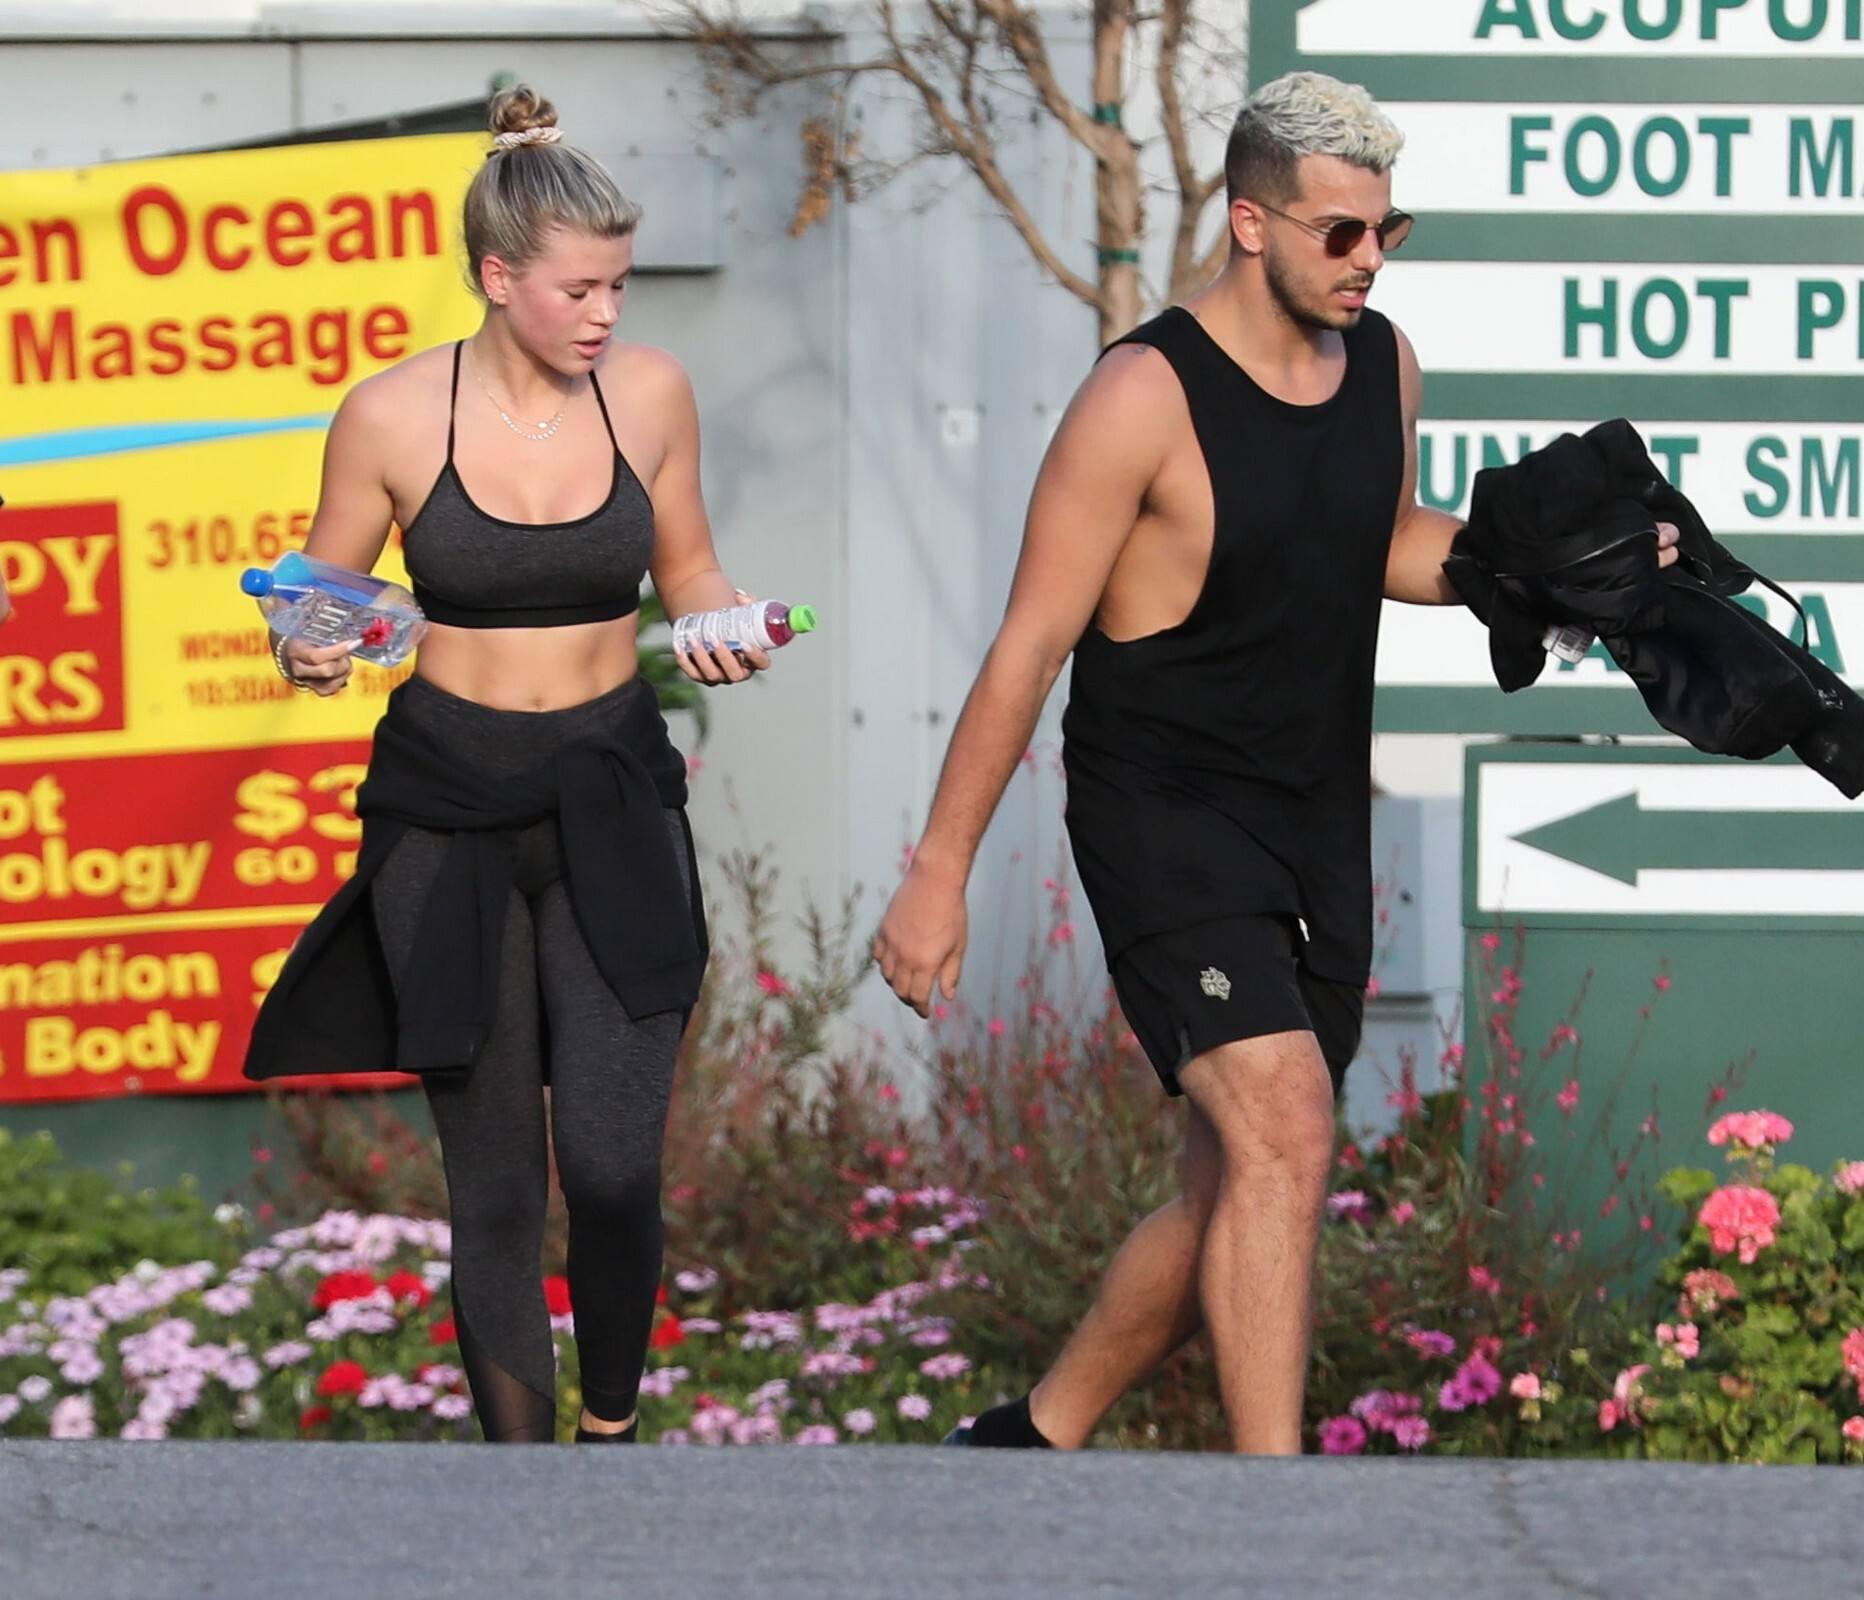 Sofia Richie Sexy Fit Body In Sports Bra